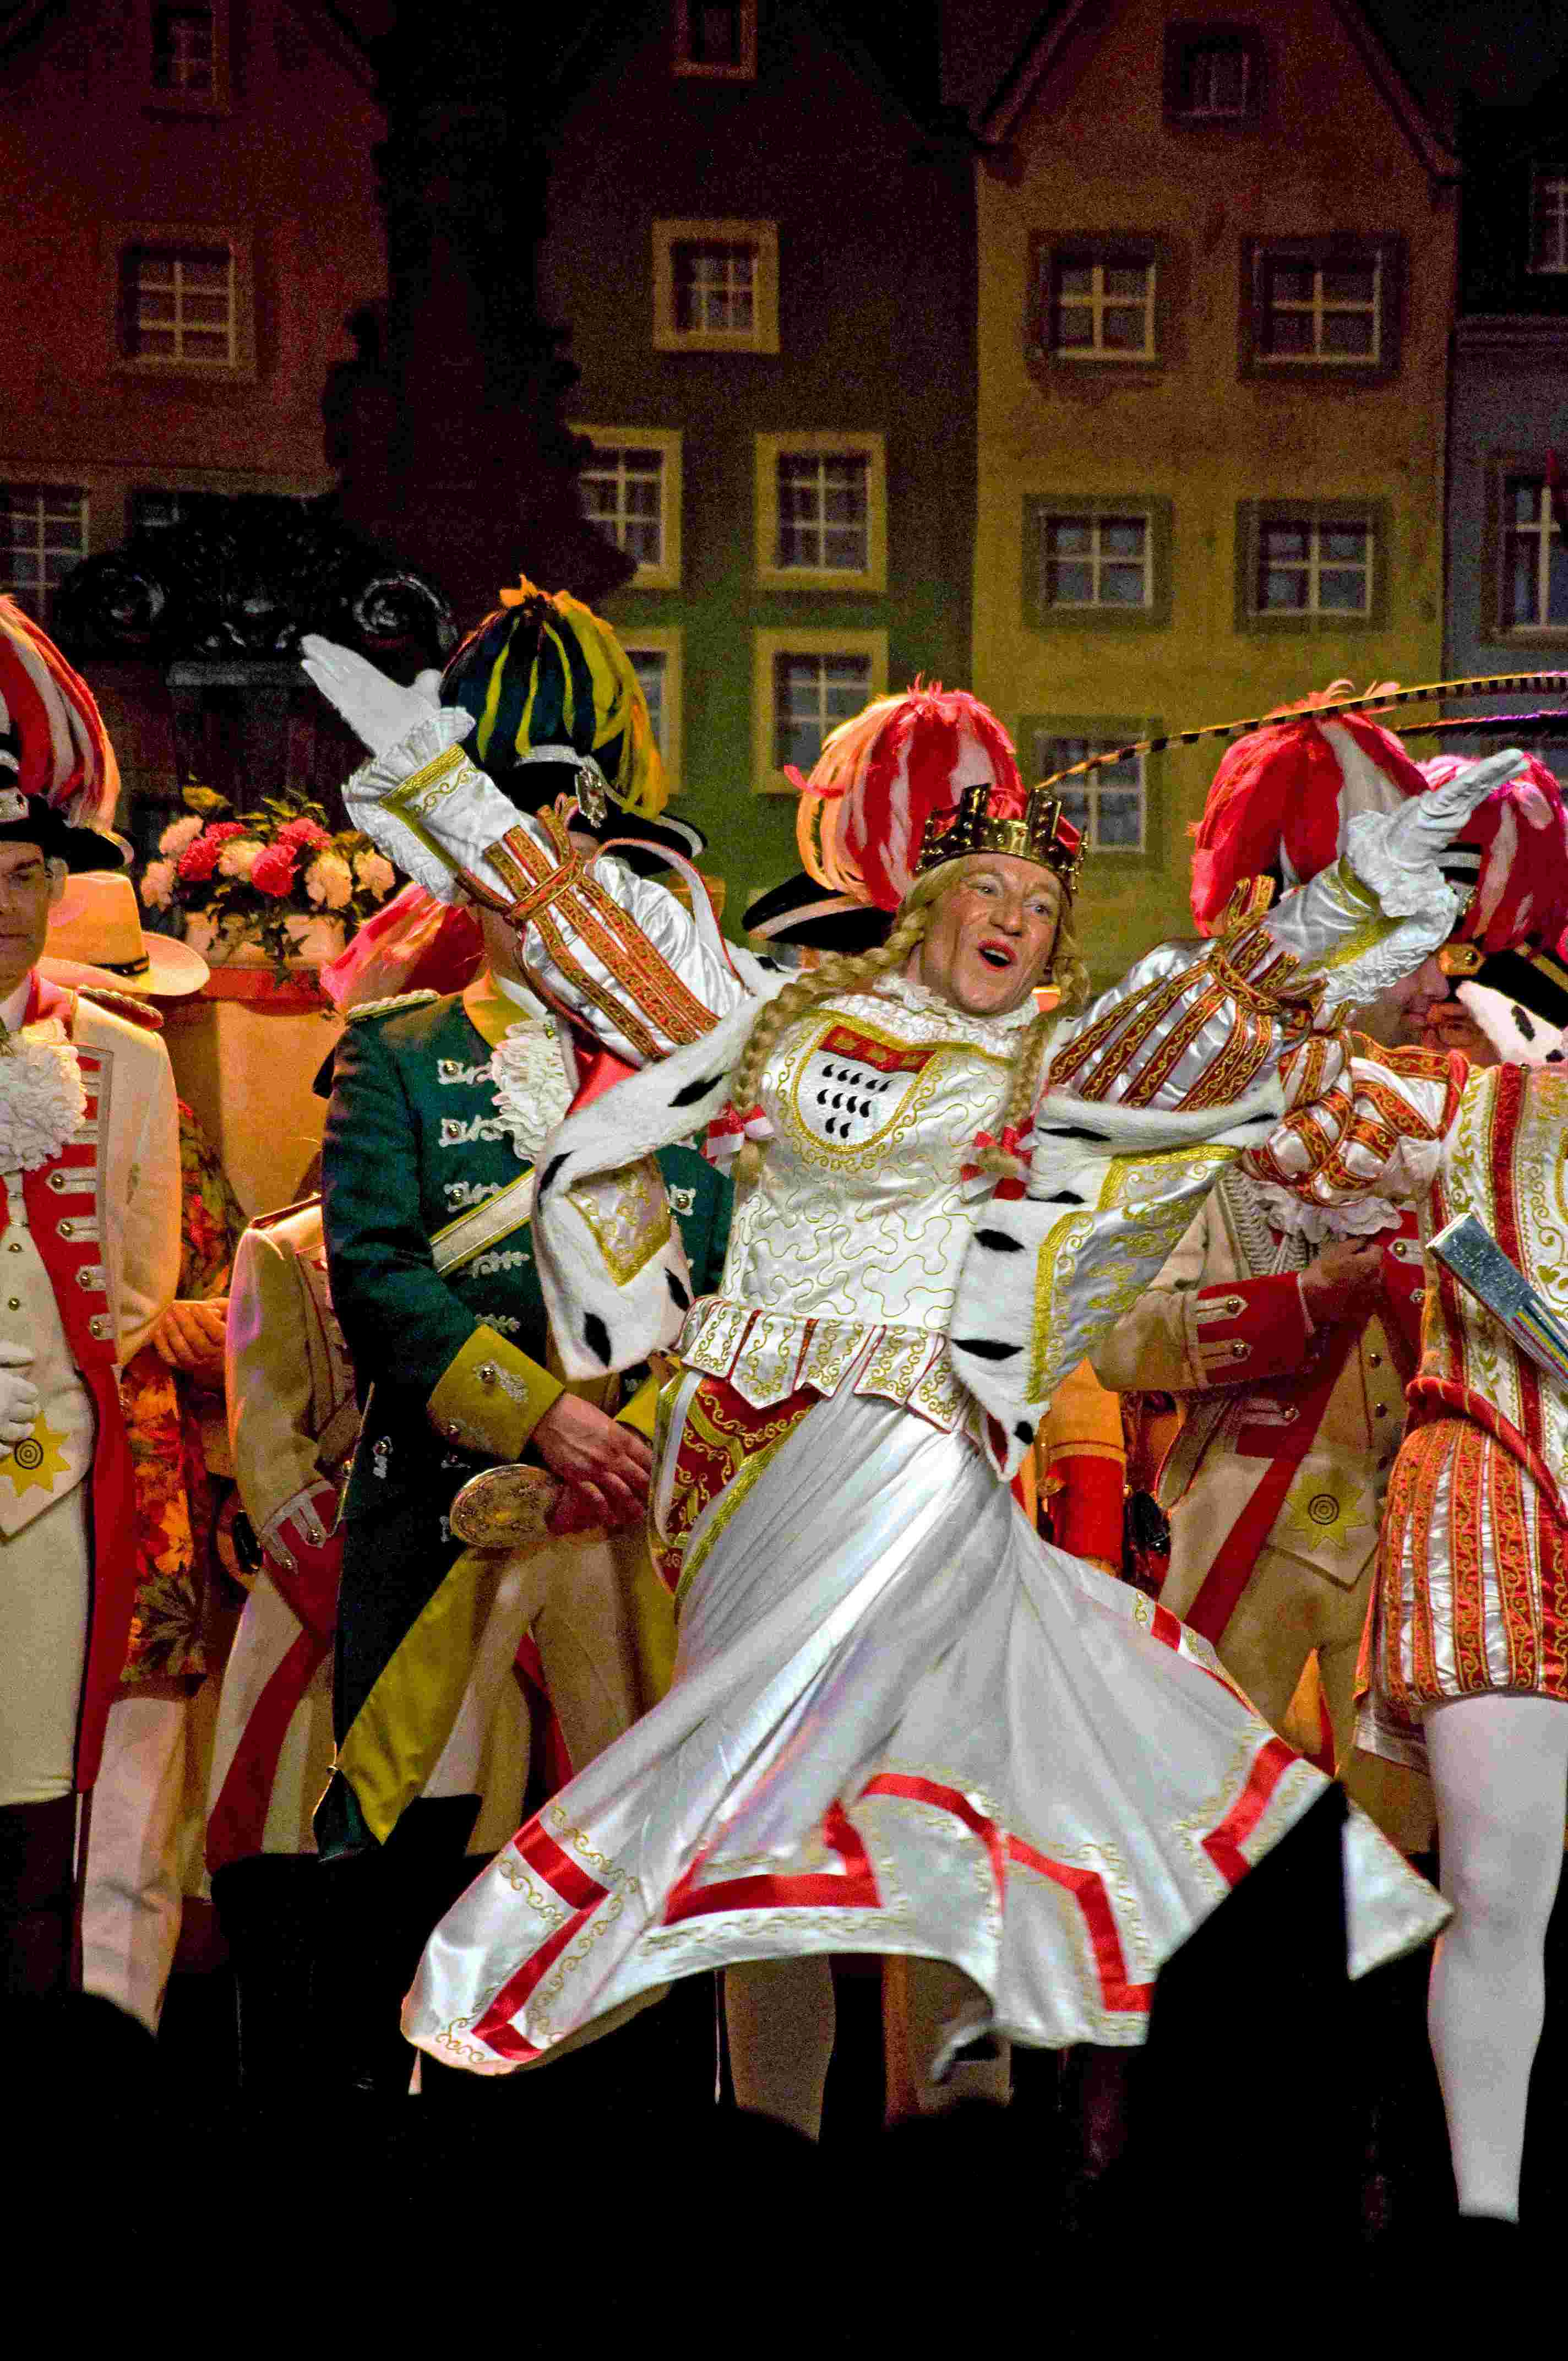 Sitzung 2014 32 - Dreigestirn von 2014 (Jungfrau als Dancing Queen)